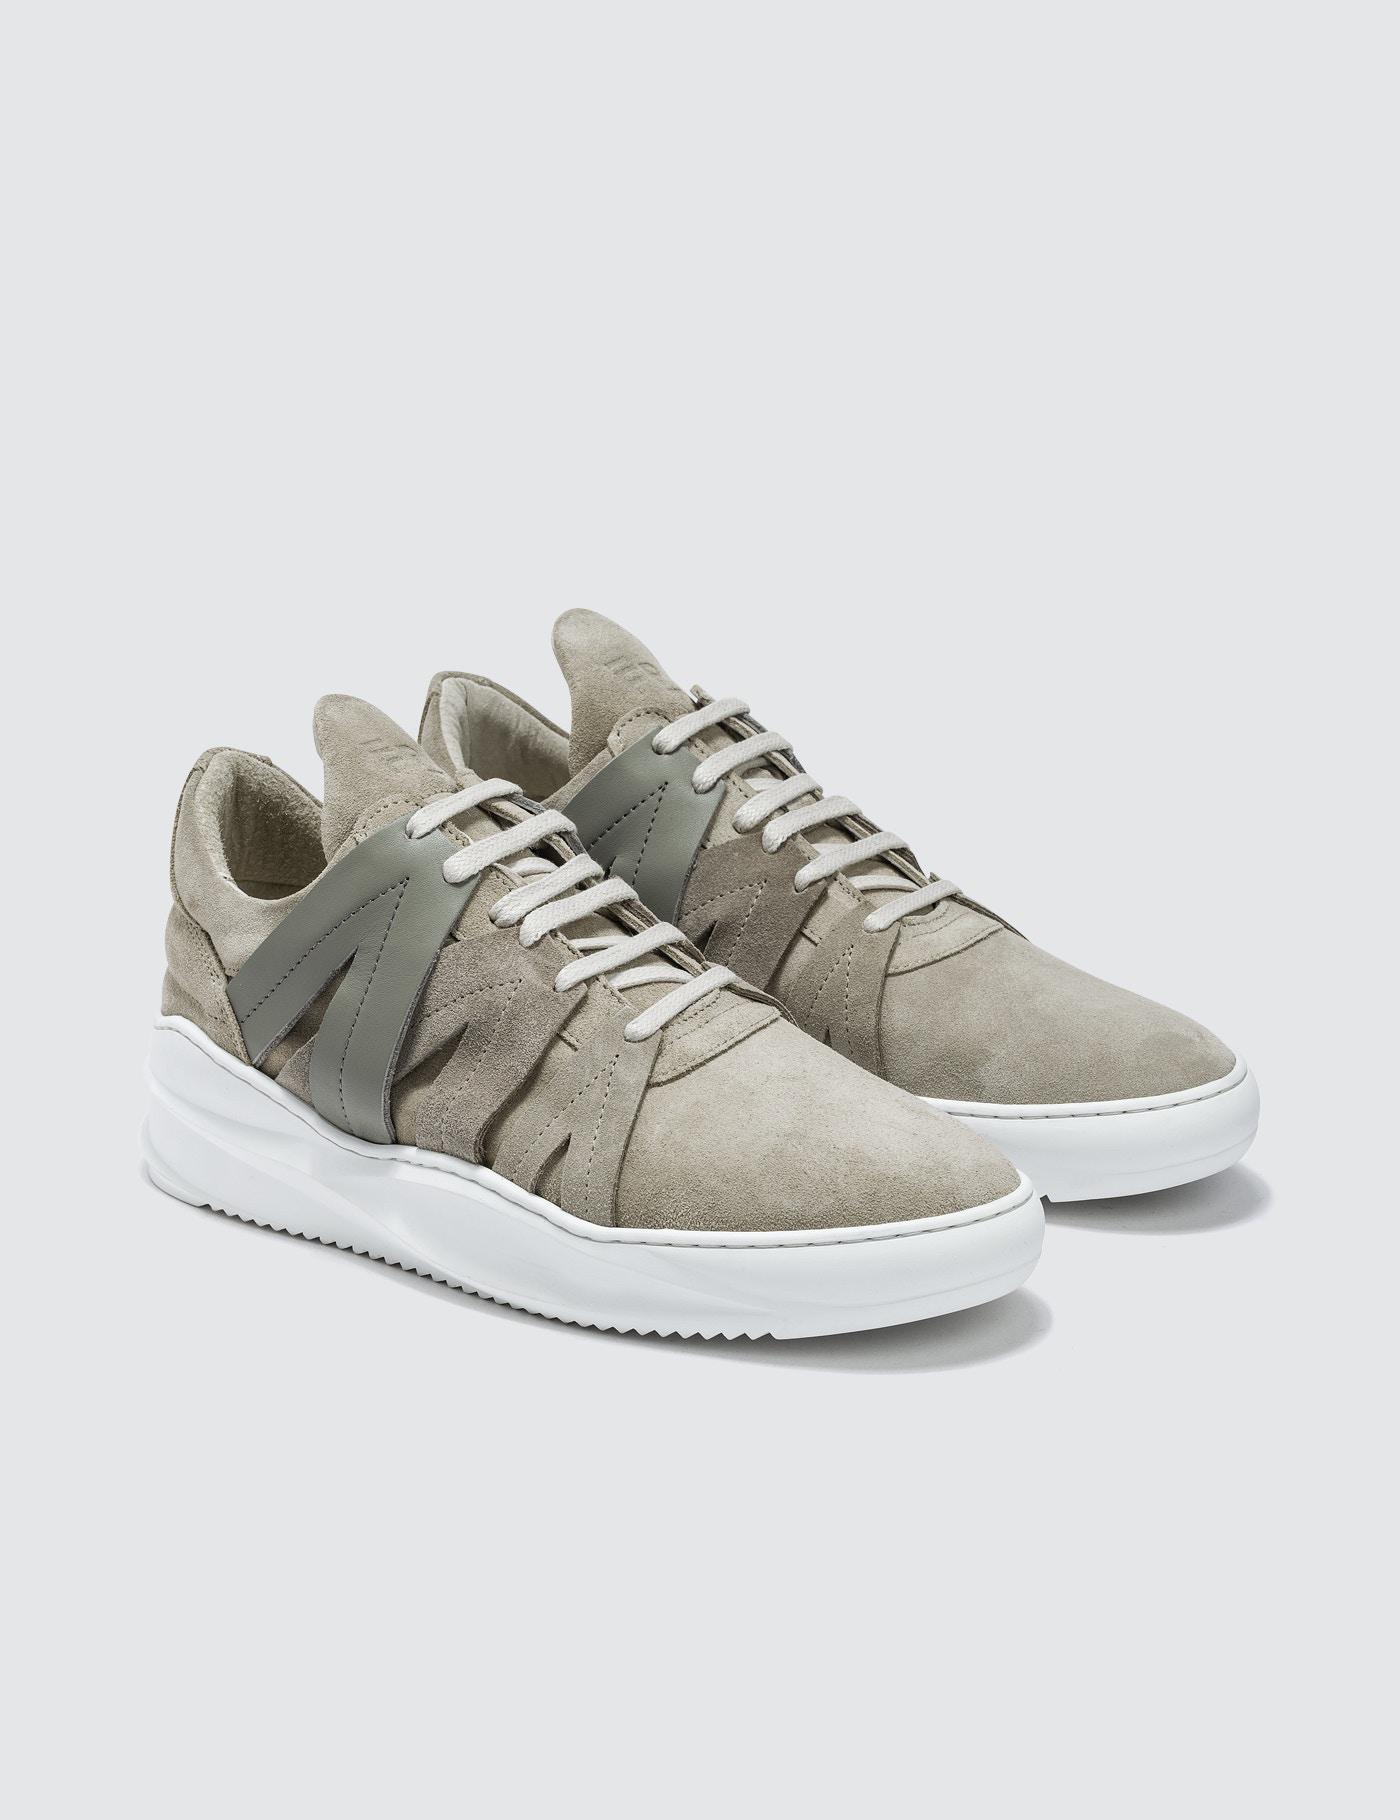 White Low Bronco Sneakers Filling Pieces pL04U1L